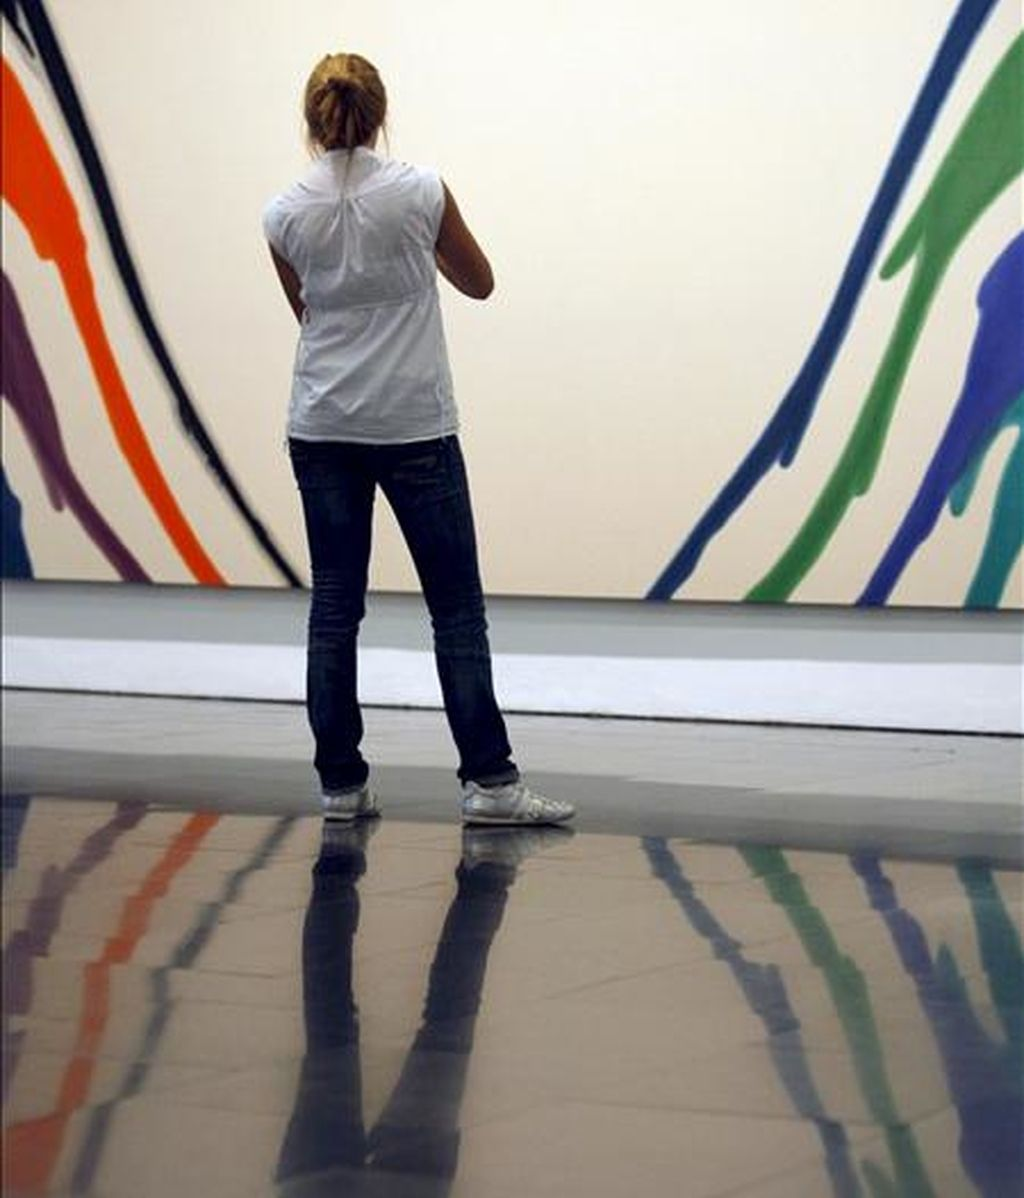 """El MACBA ha fundado la red museística """"L'Internationale"""", junto con otros tres museos y archivos europeos, con el objetivo de cuestionar de forma plural las narrativas del arte e investigar nuevas líneas, según ha informado el museo barcelonés. EFE/Archivo"""